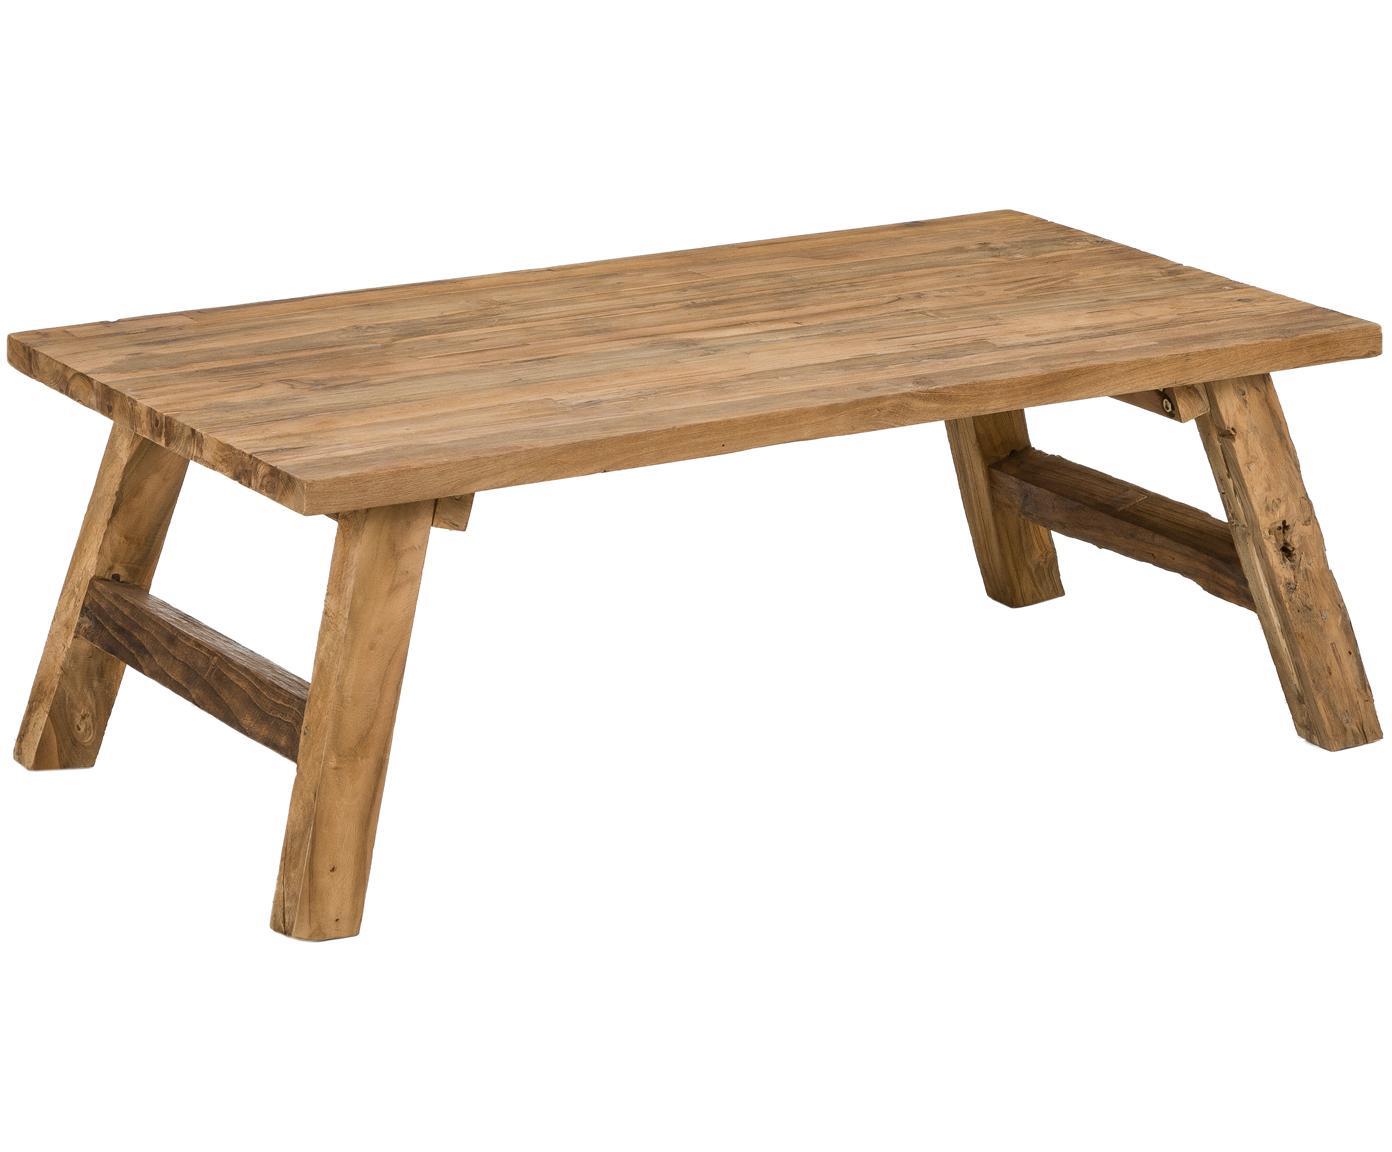 Tavolino da salotto in legno di teak Lawas, Legno di teak, finitura naturale, Legno di teak, Larg. 120 x Alt. 70 cm